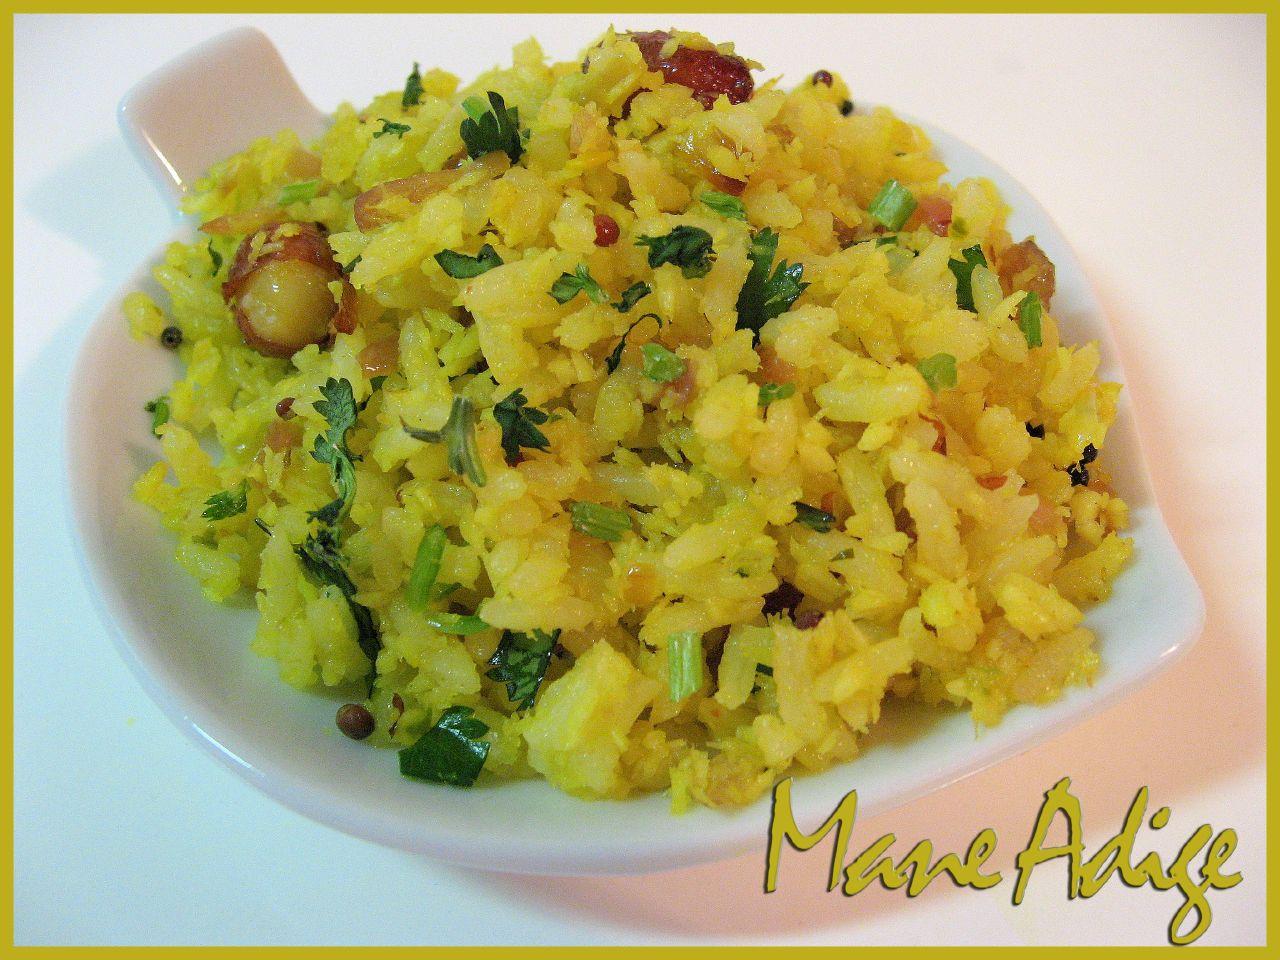 Mane adige nimbekai chitrannalemon rice lemon rice known as nimbekai chitranna in kannada is one of the most commonly made mixed rice varieties in karnataka chitranna meaning mixed rice in ccuart Choice Image